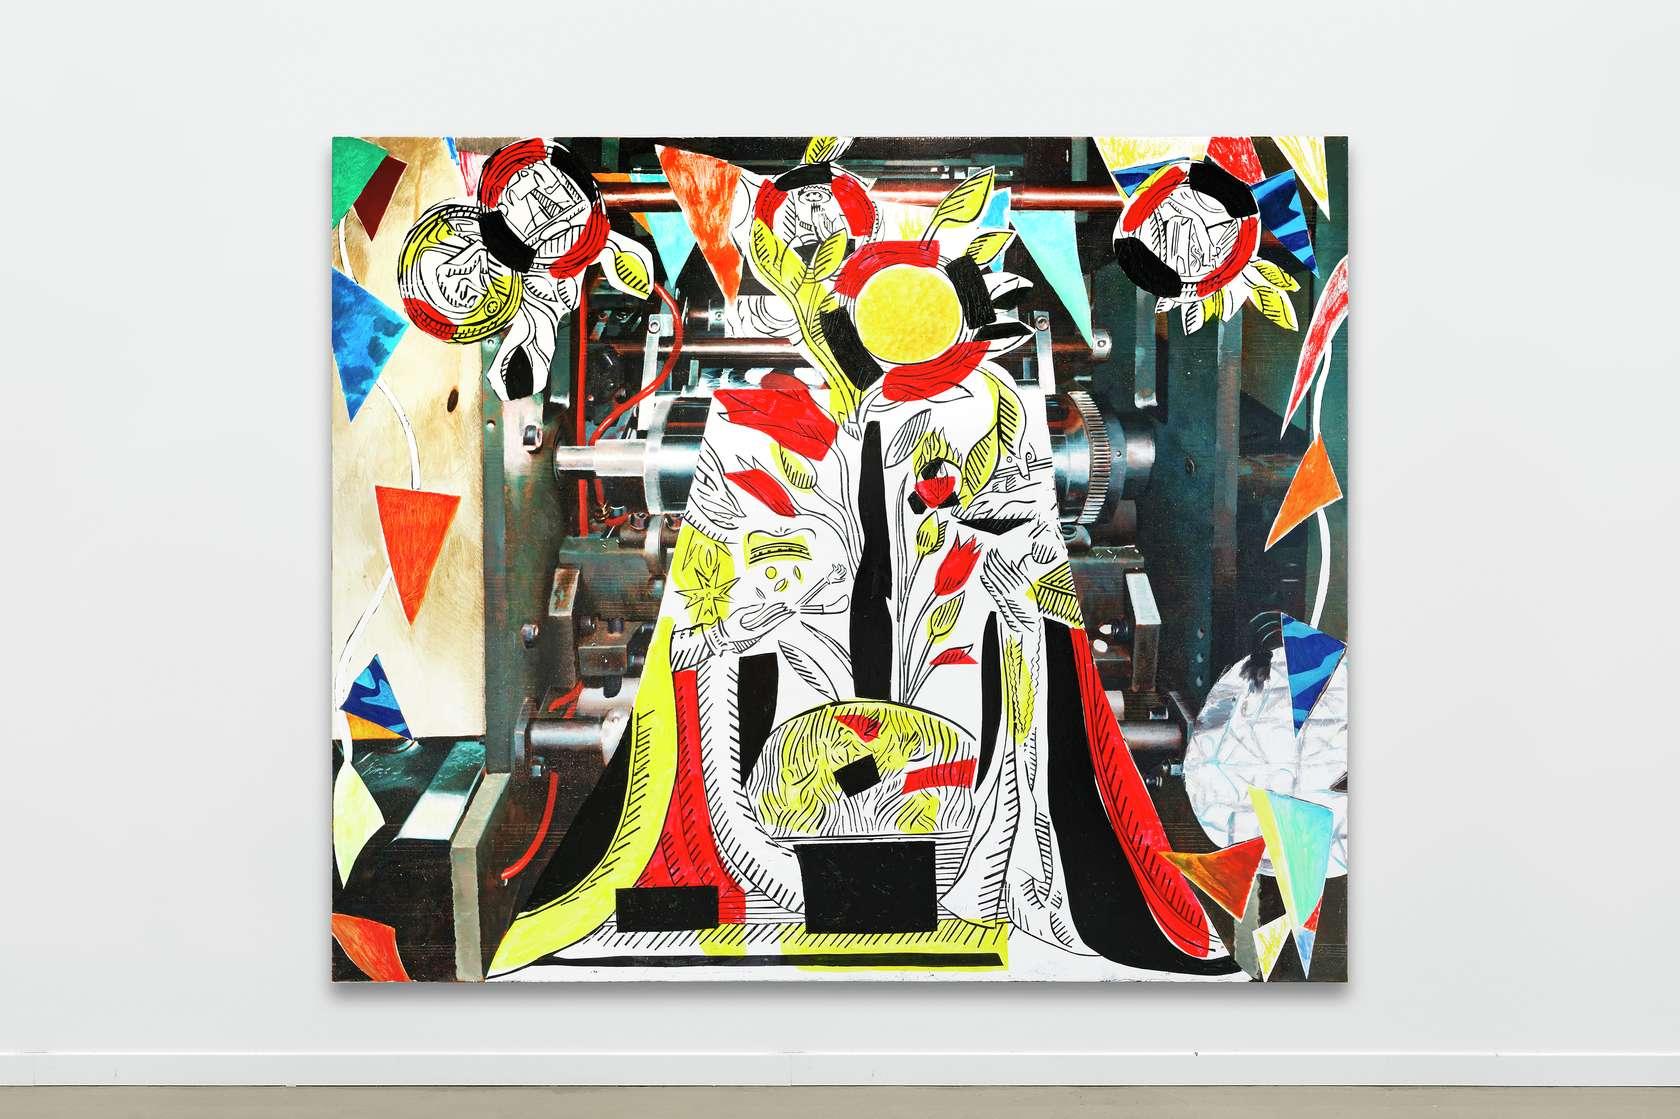 Laurent Proux, Roses et épines, 2018 Huile sur toile200 x 240cm / 78 6/8 x 94 1/2inches